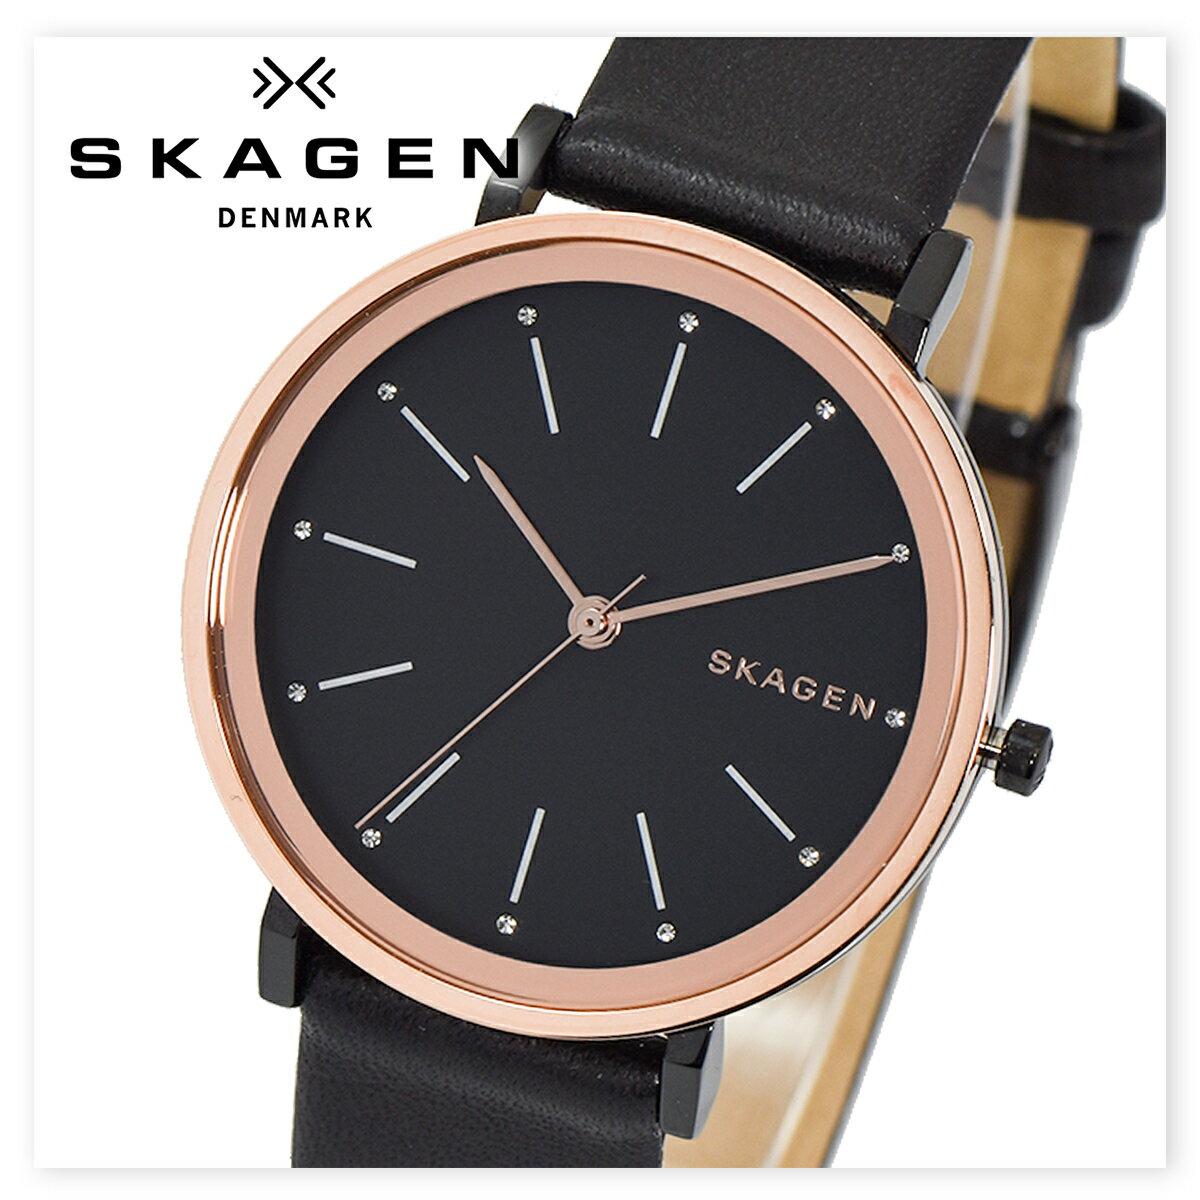 SKAGEN スカーゲン SKW2490 時計 腕時計 メンズ レディース ユニセックス 北欧 スリム プレゼント ギフト [海外正規商品][送料無料][あす楽]